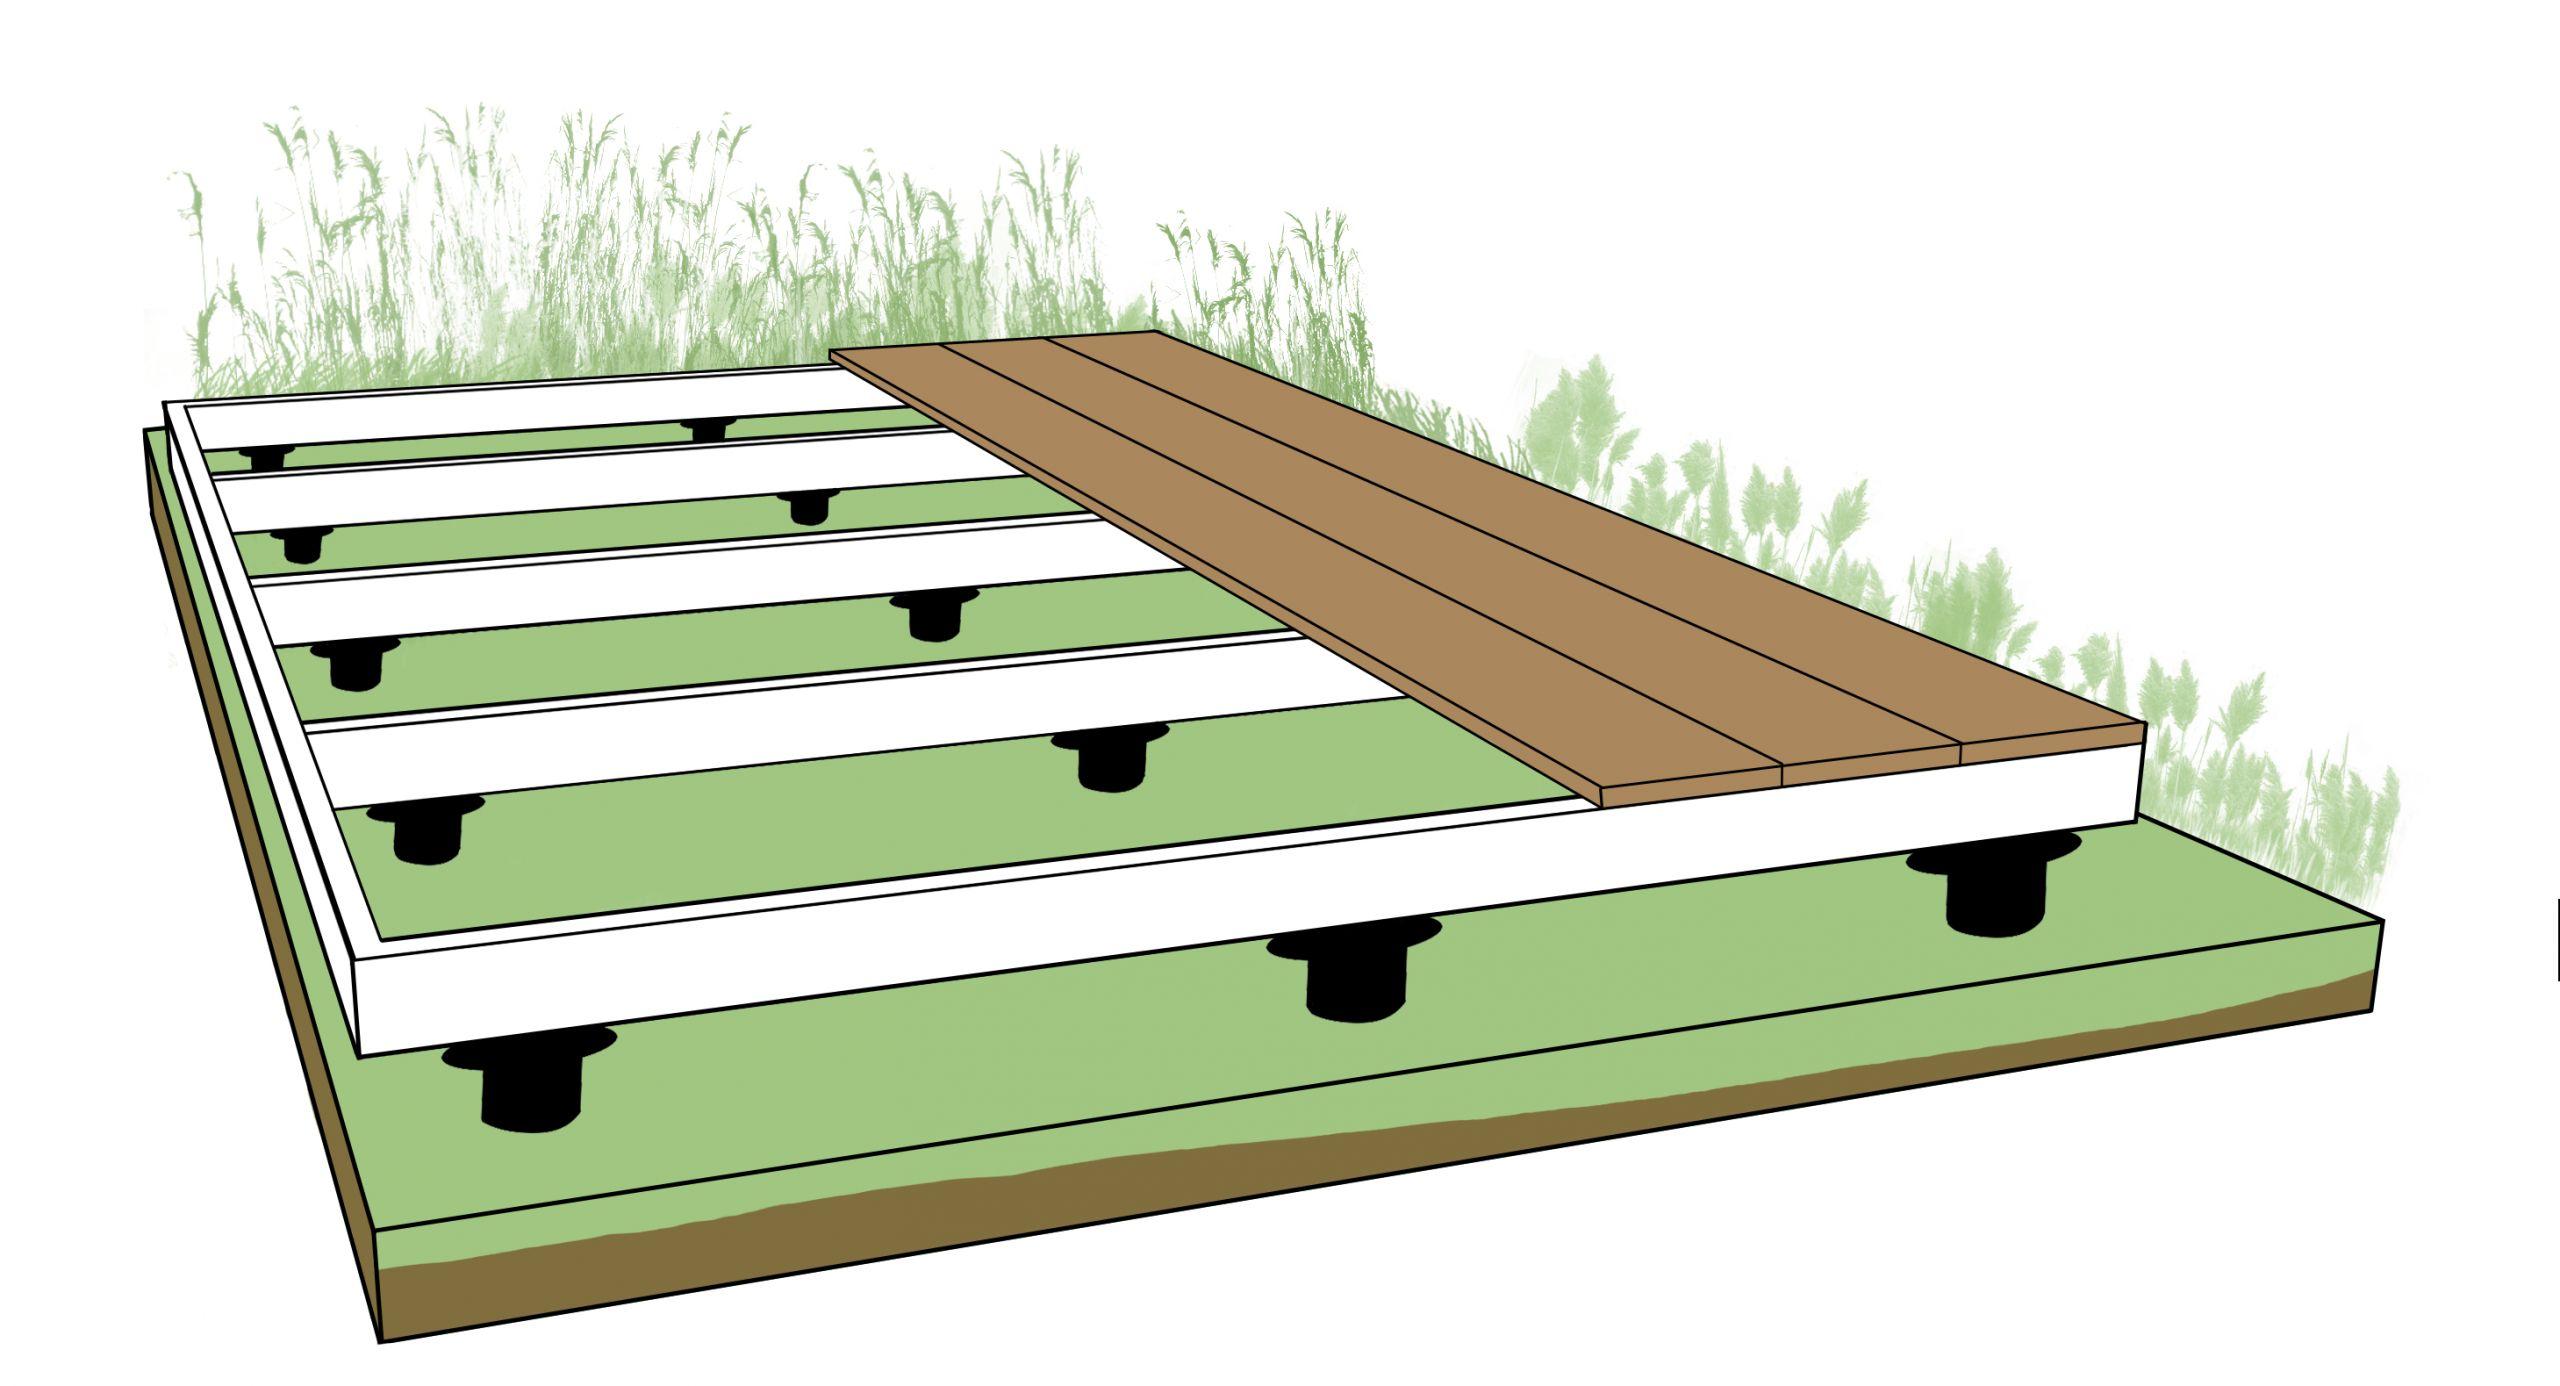 Fabriquer Une Terrasse En Bois Ides De Ment Faire Une Terrasse En Bois Pas Cher